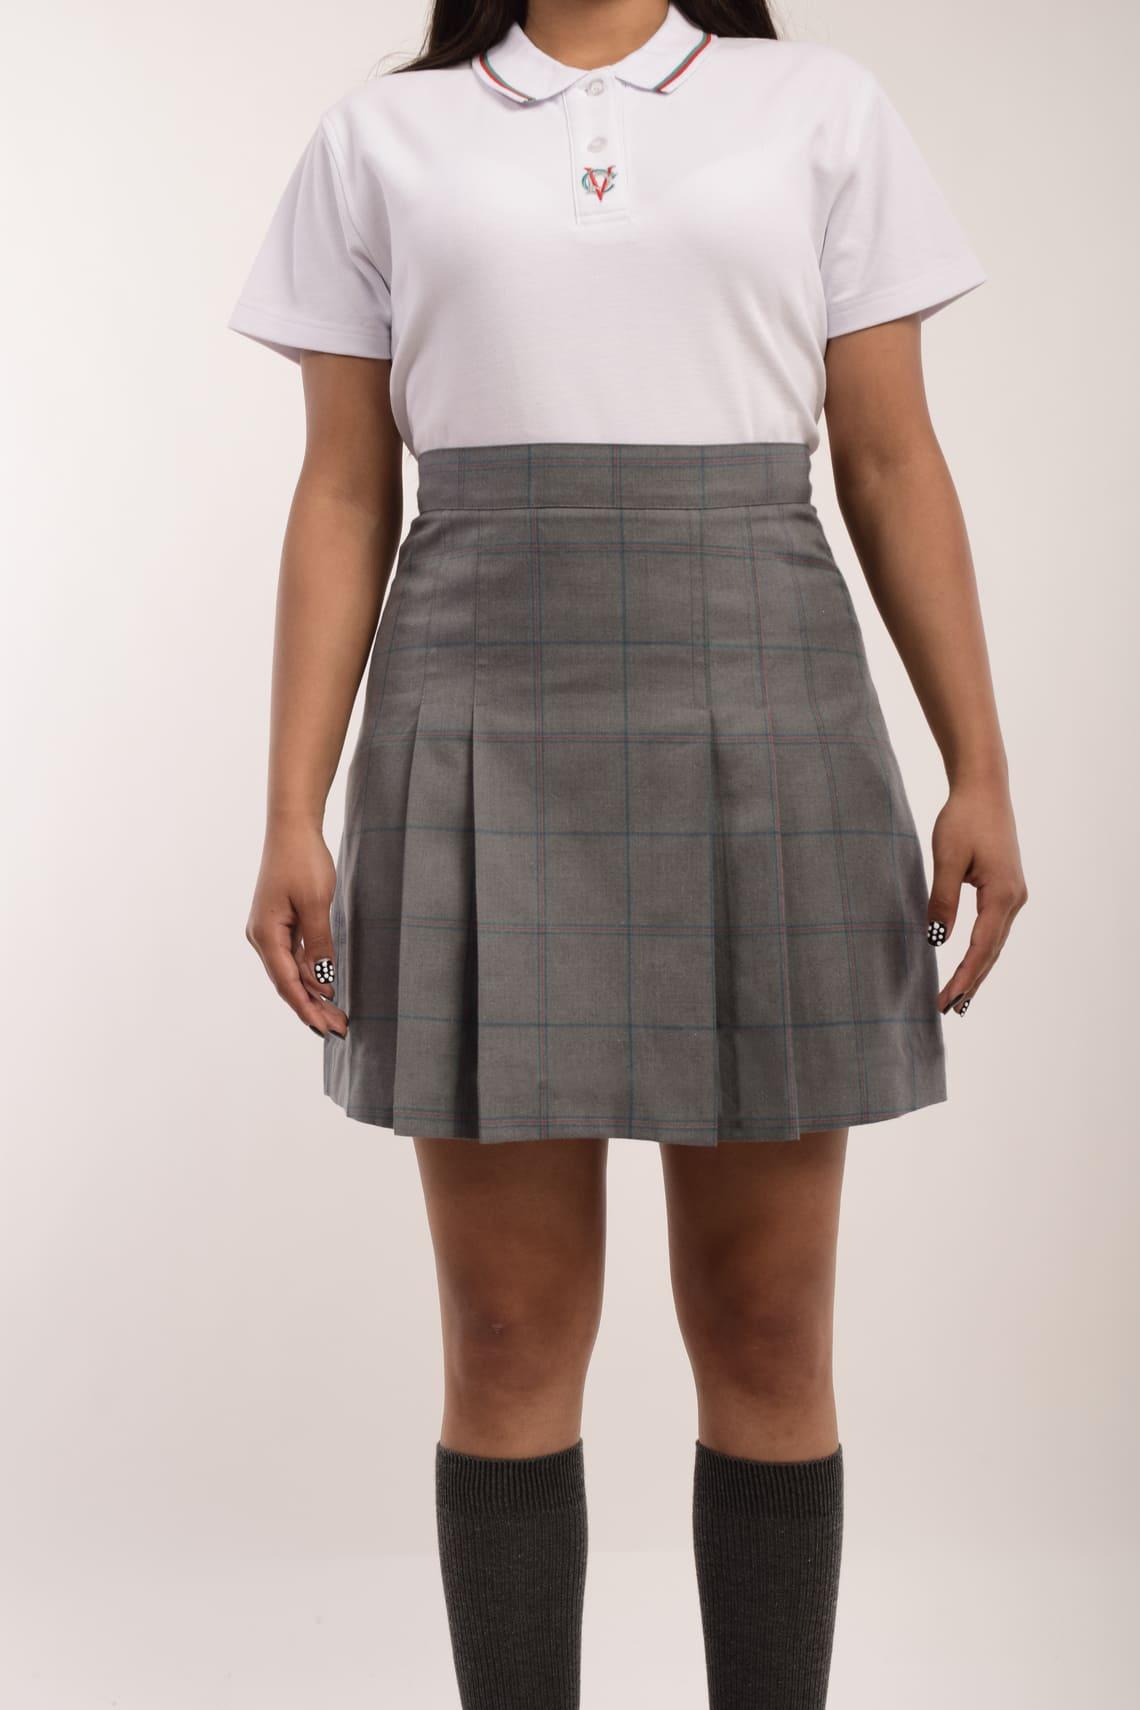 Falda Mujer (S - XL)